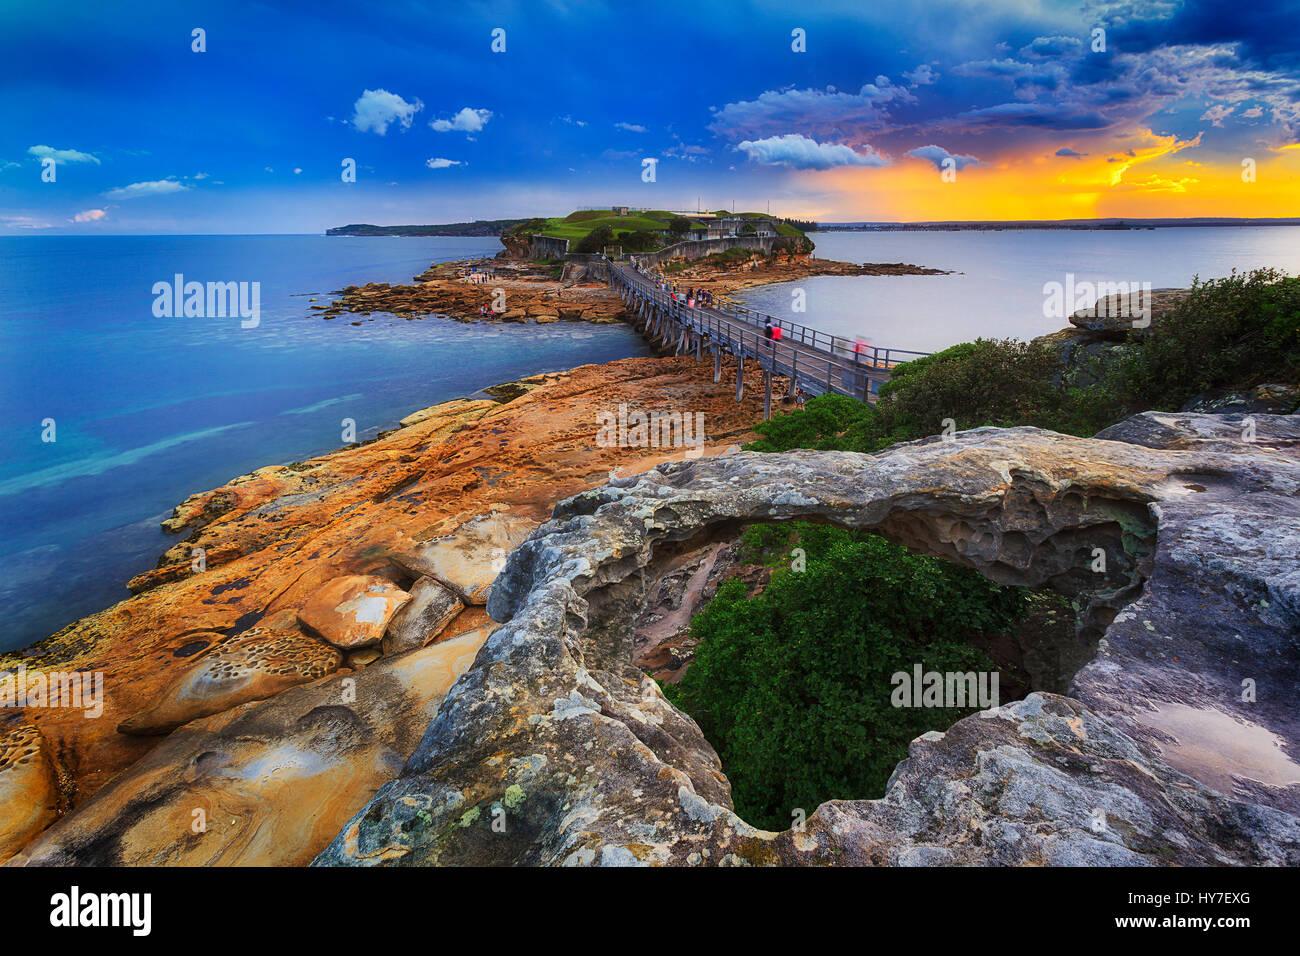 De soleil colorés plus de citadelle sur Bare Island à Sydney's Botany Bay zone côtière. Photo Stock